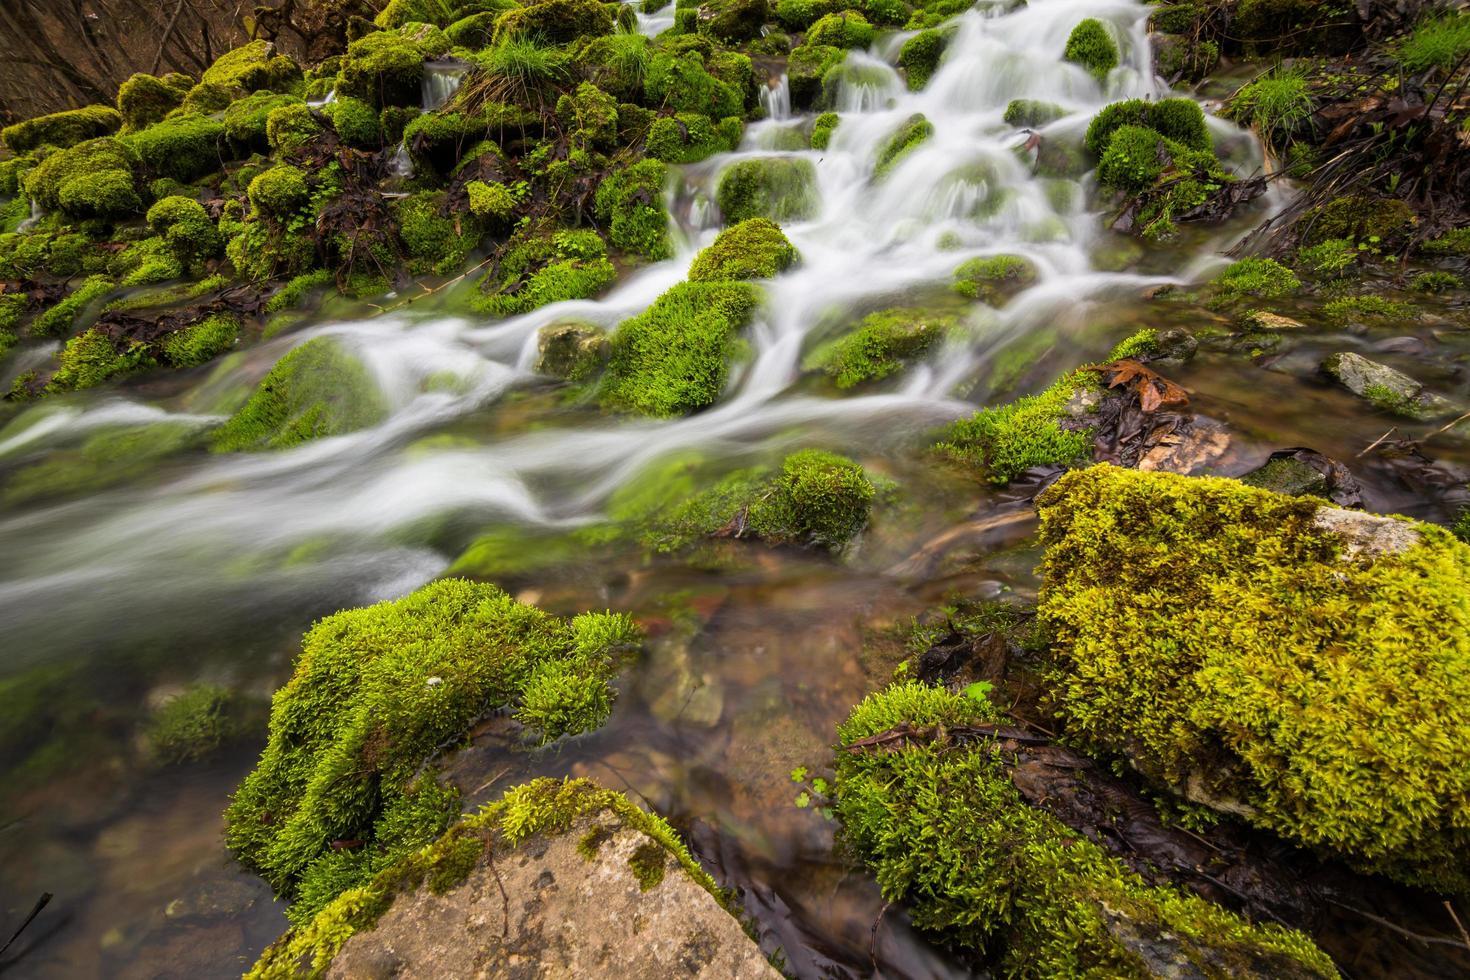 Zeitrafferfotografie des Gewässers foto